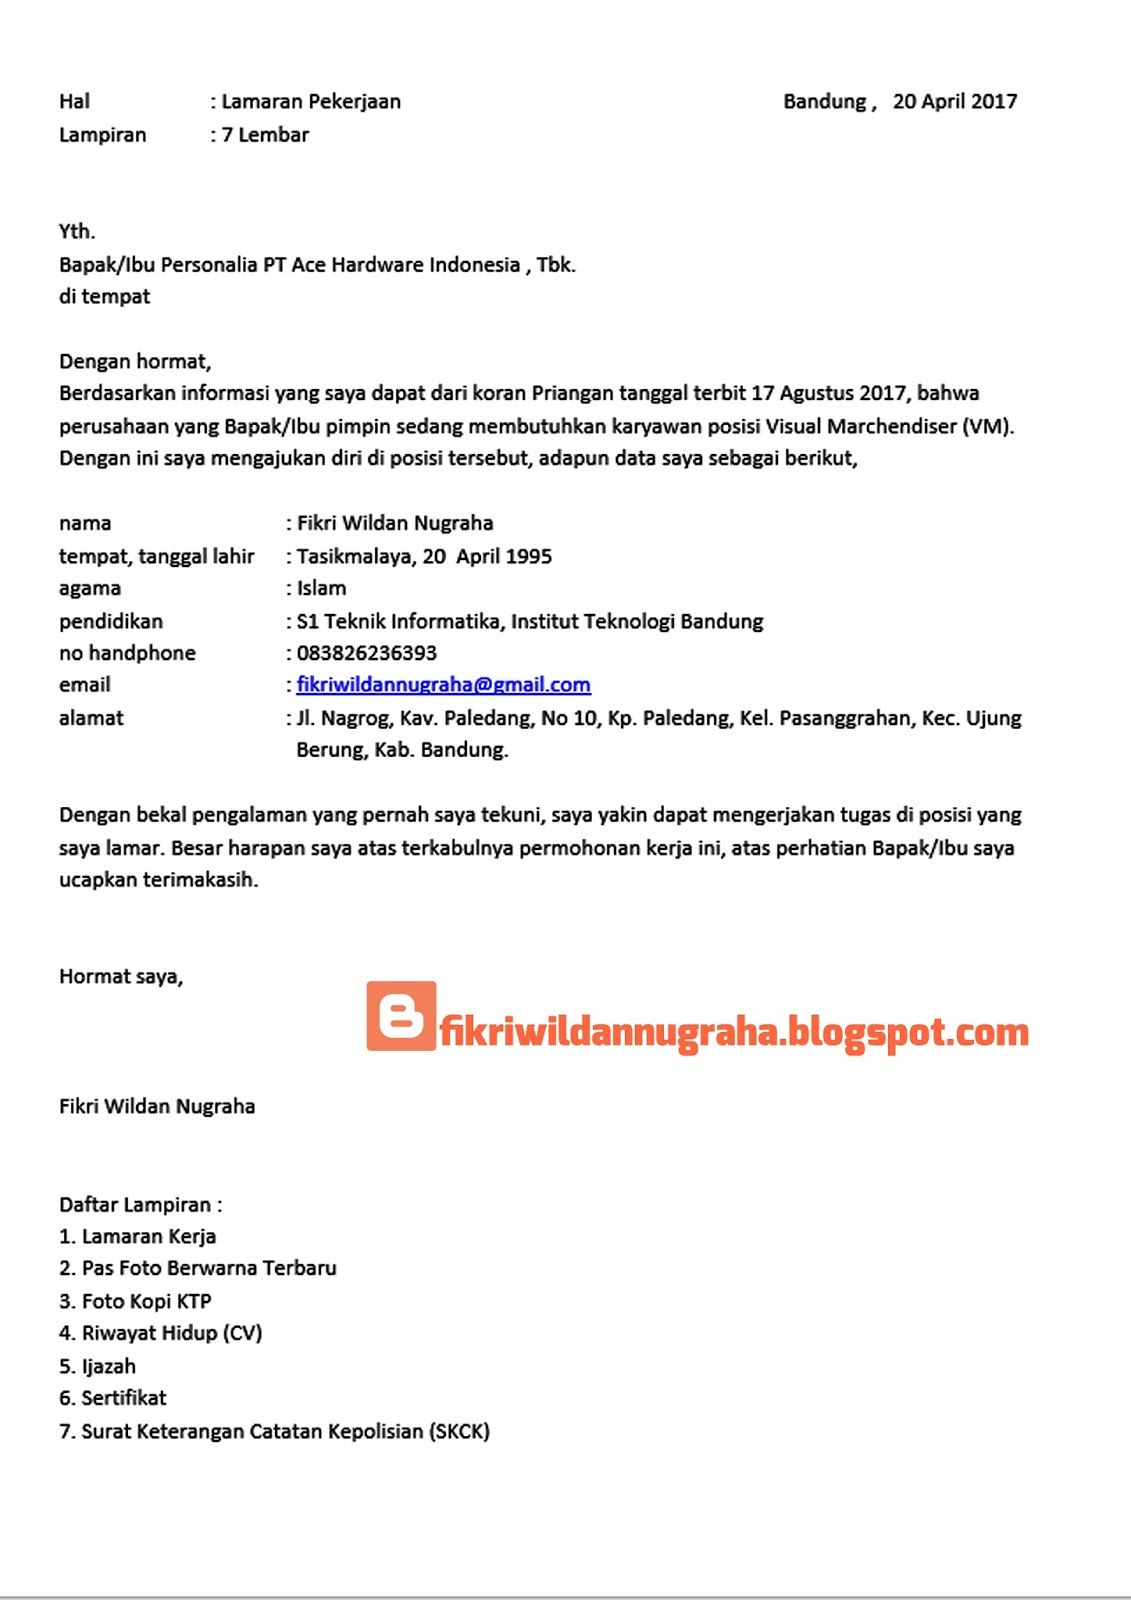 Download 25 Contoh Surat Lamaran Kerja Yang Benar